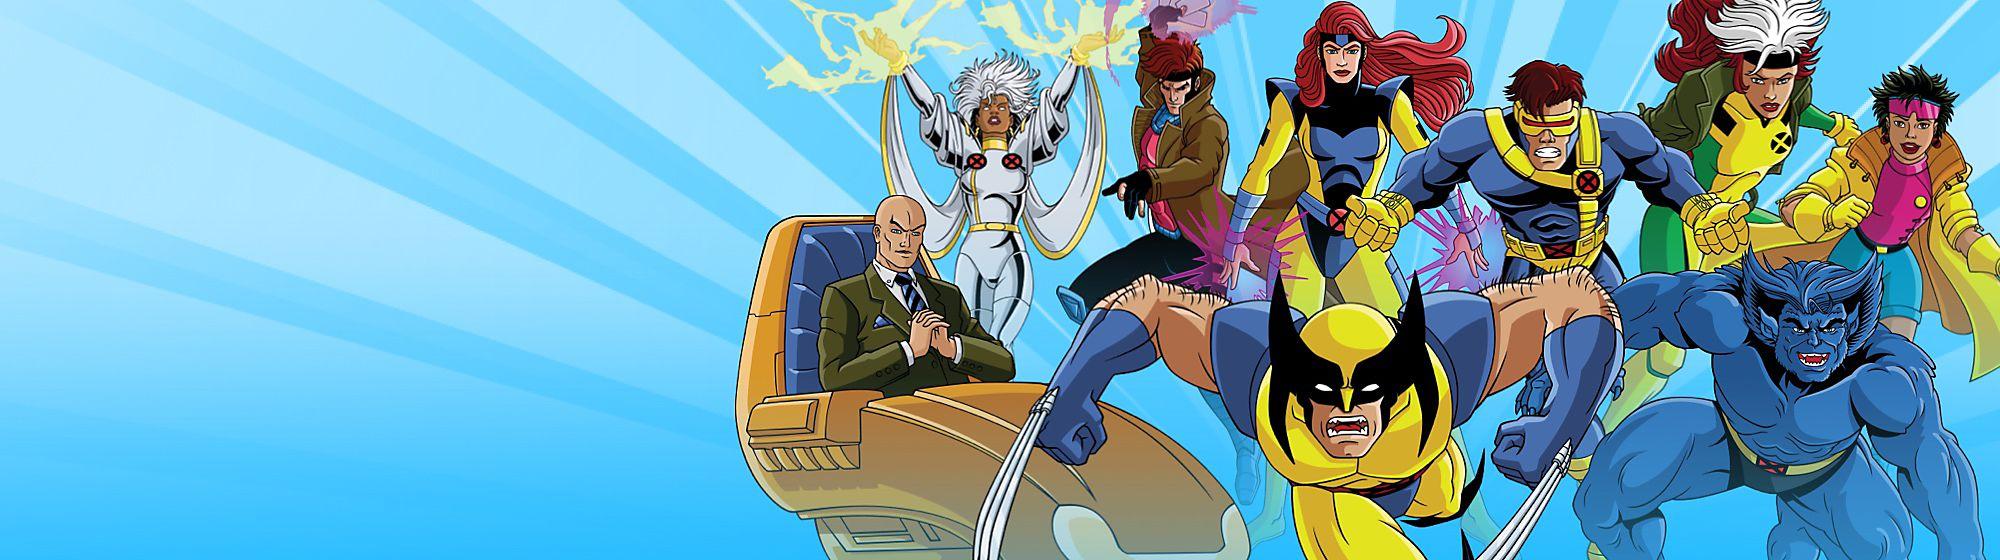 X-Men L'escouade de mutants va donner le pouvoir à votre look avec notre collection de vêtements, accessoires et plus.